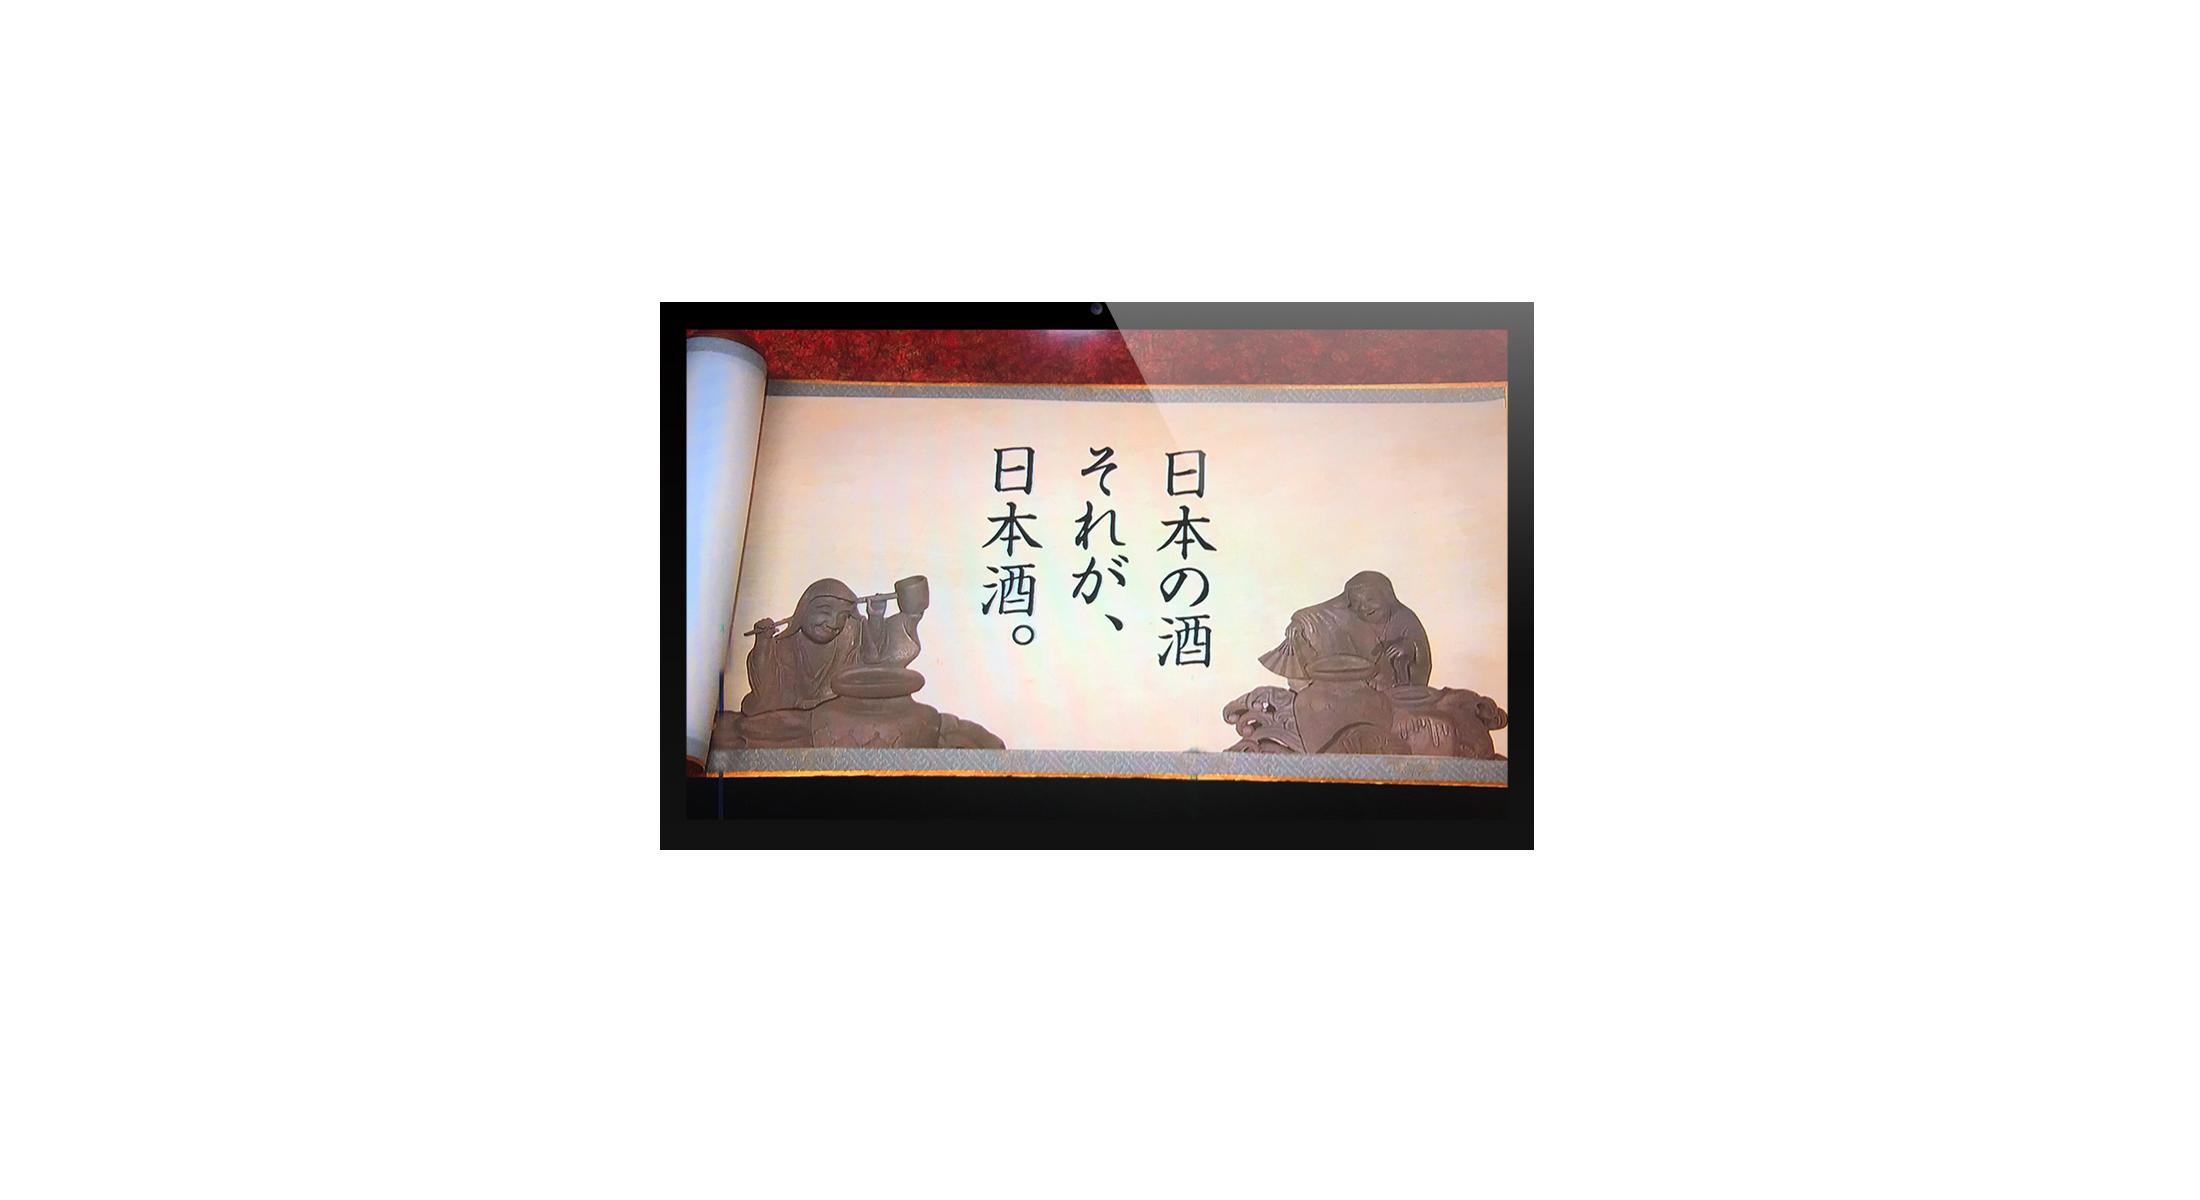 梅錦山川株式会社 工場見学PV